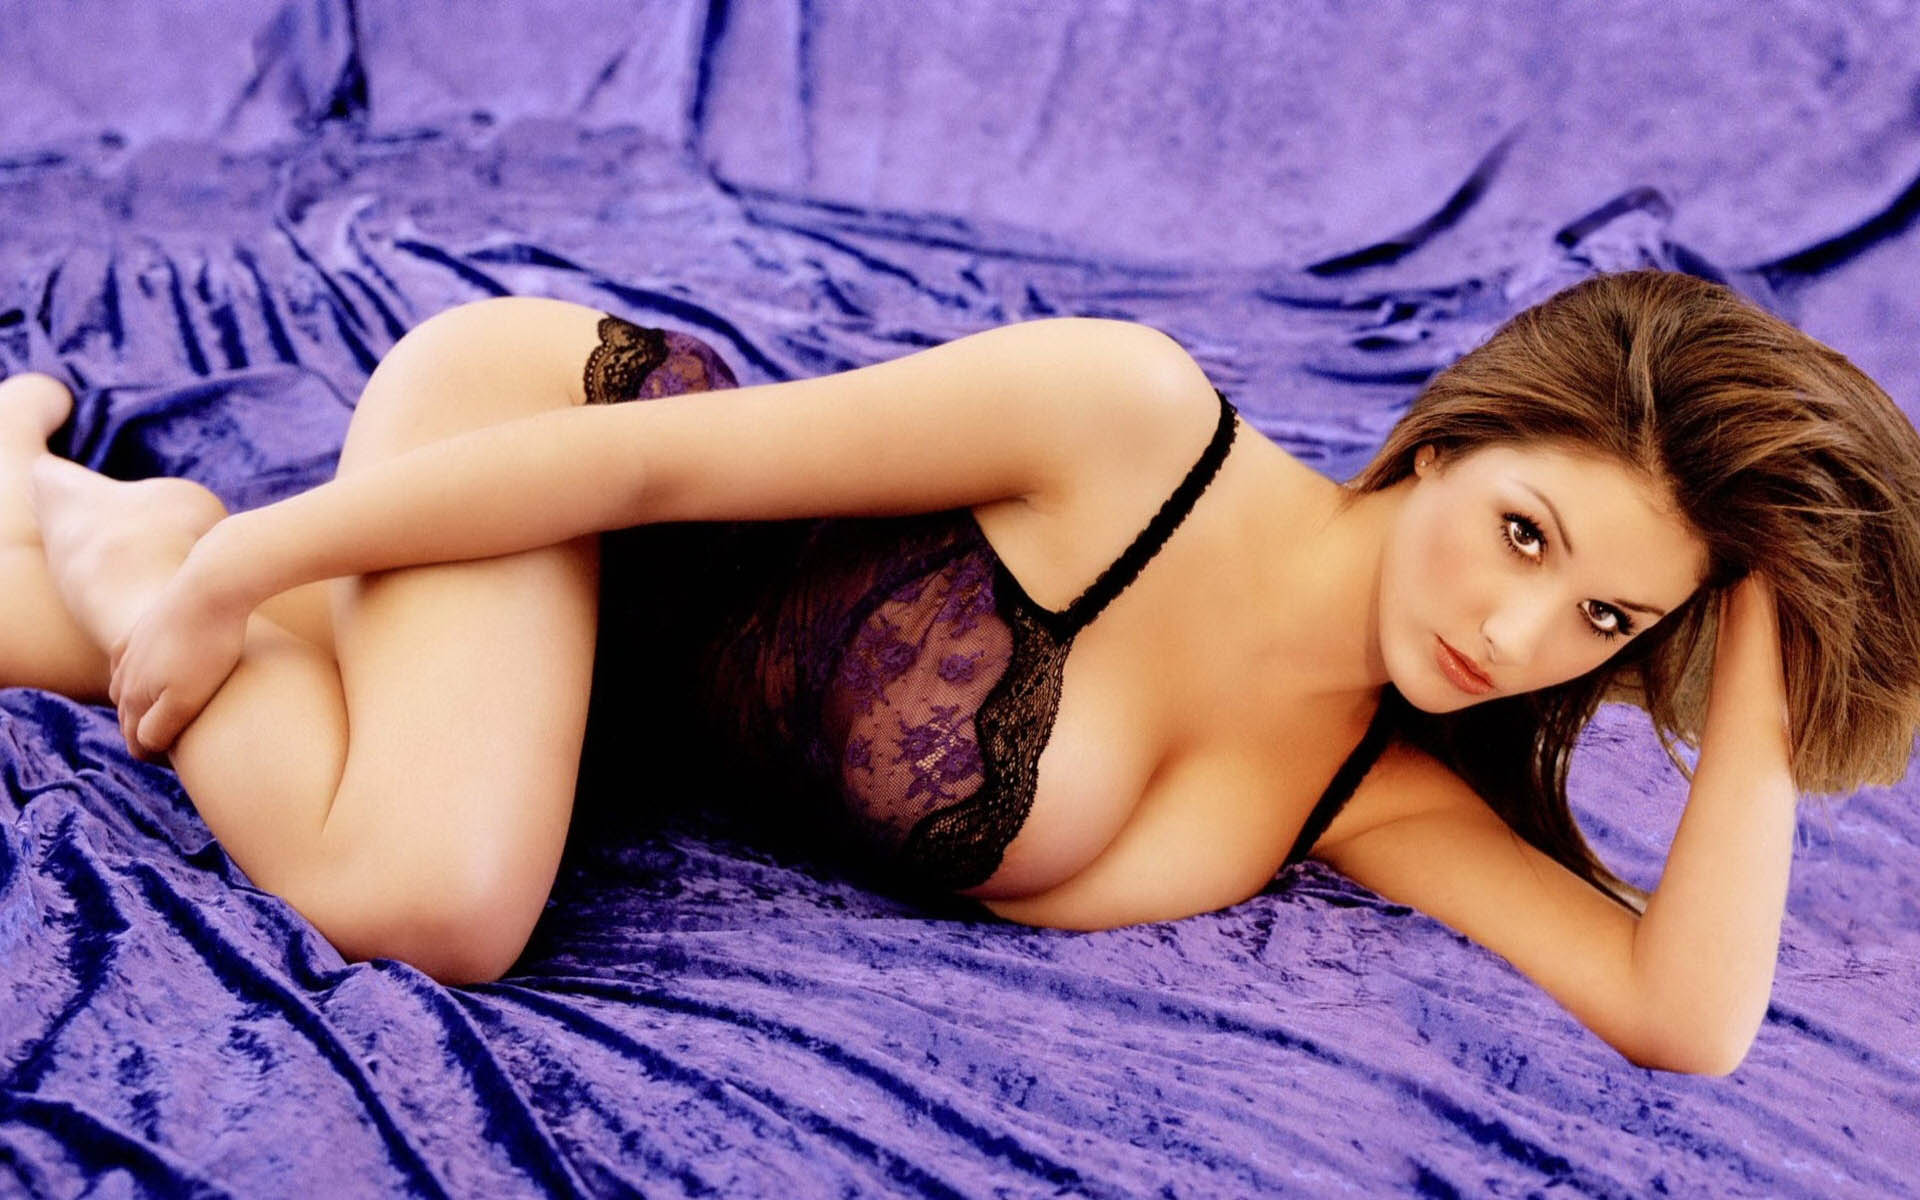 Смотреть бесплатно девушки голи 21 фотография